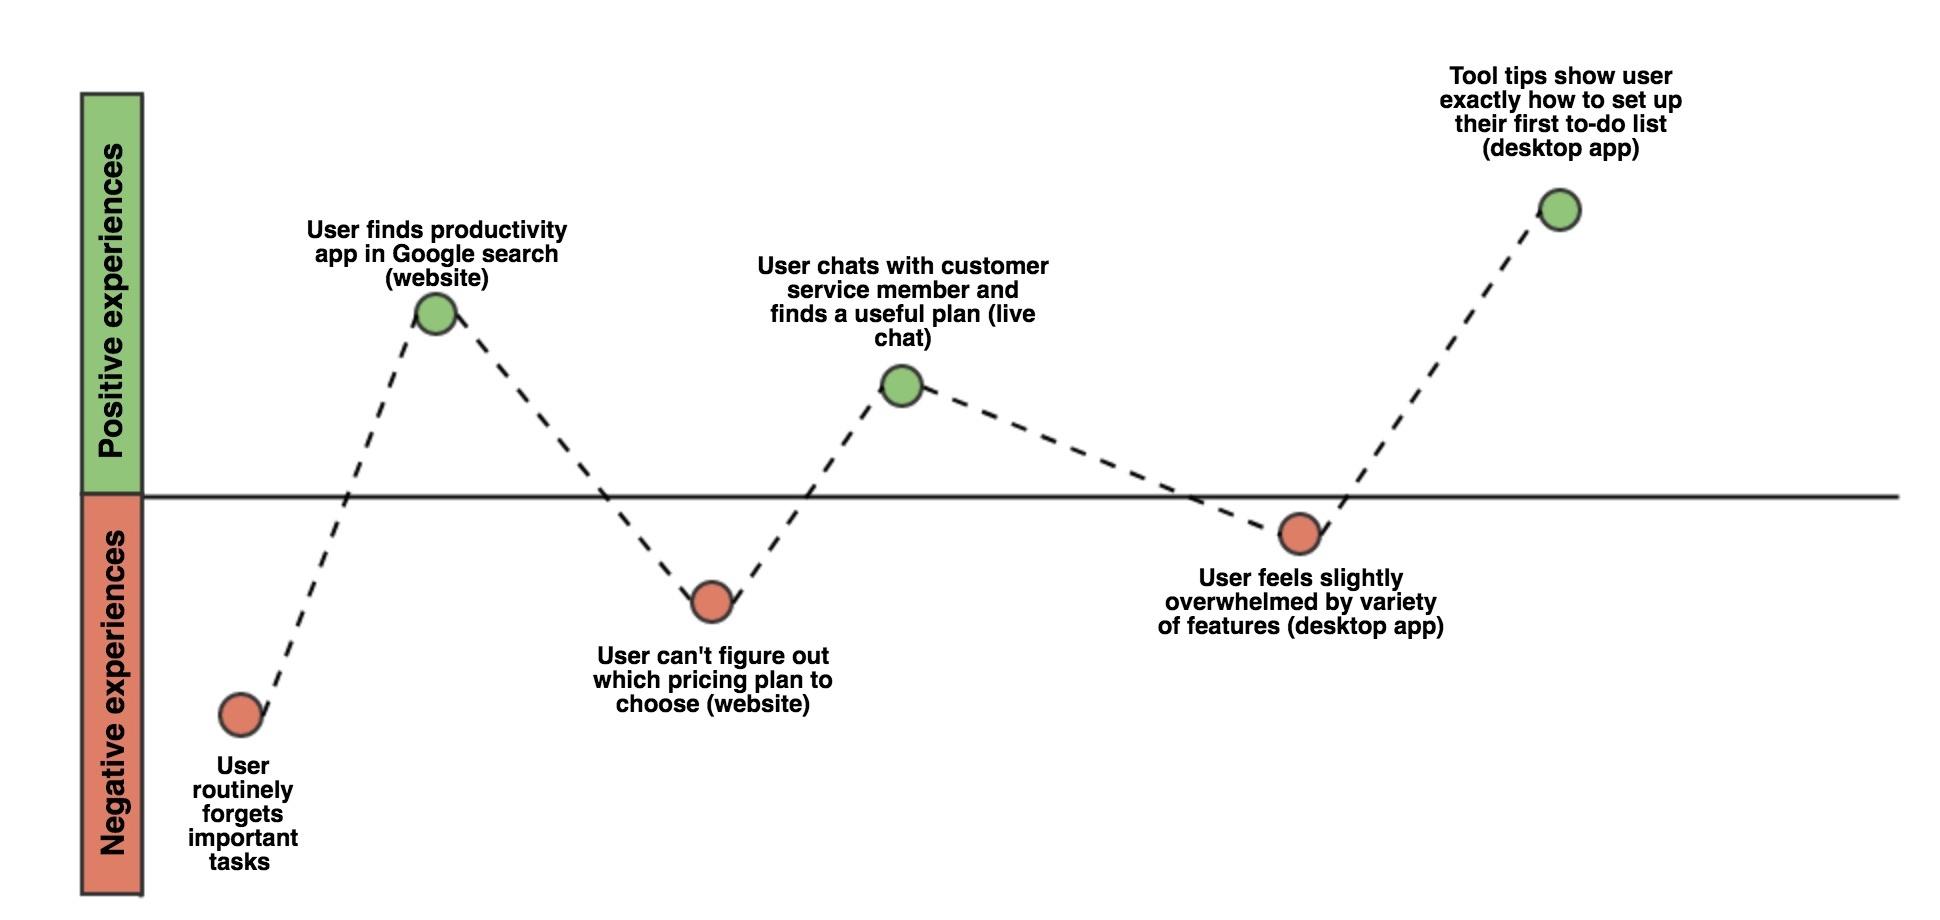 positive-vs-negative-experiences-in-user-journey.jpg